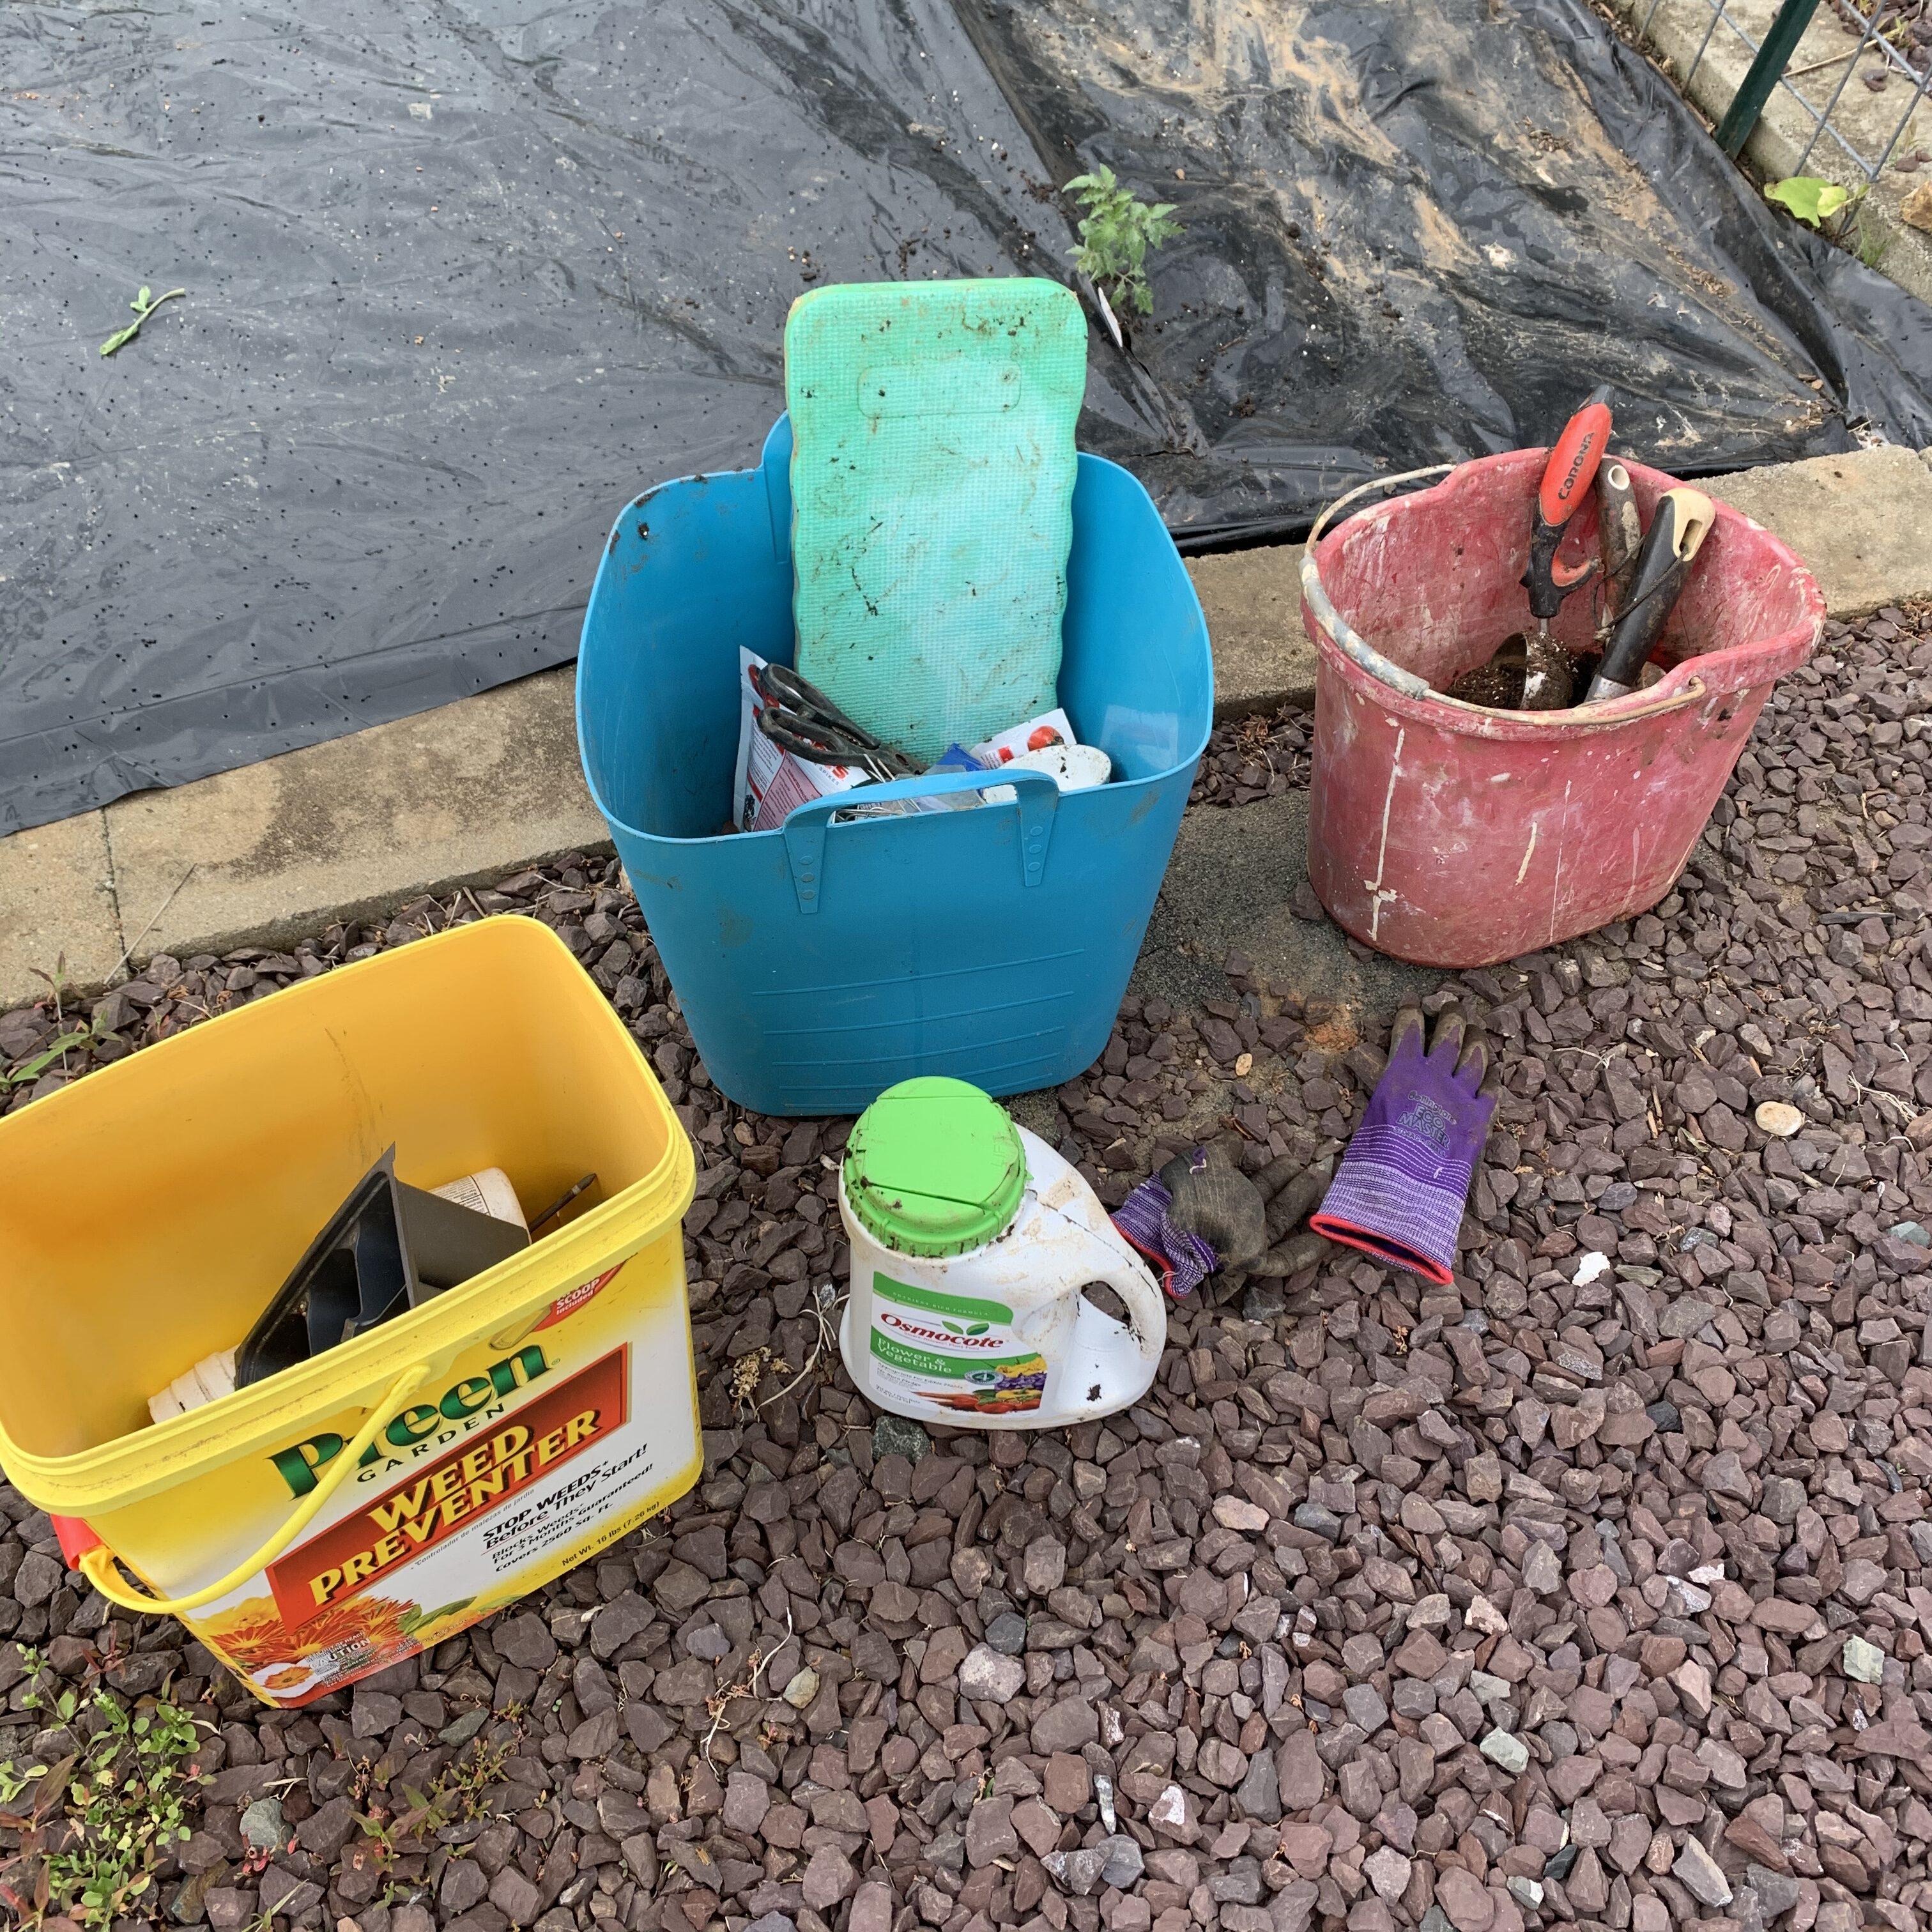 E95E33D8 5913 4F6E 9D70 3D14D7ED16E9 Tomato planting day!